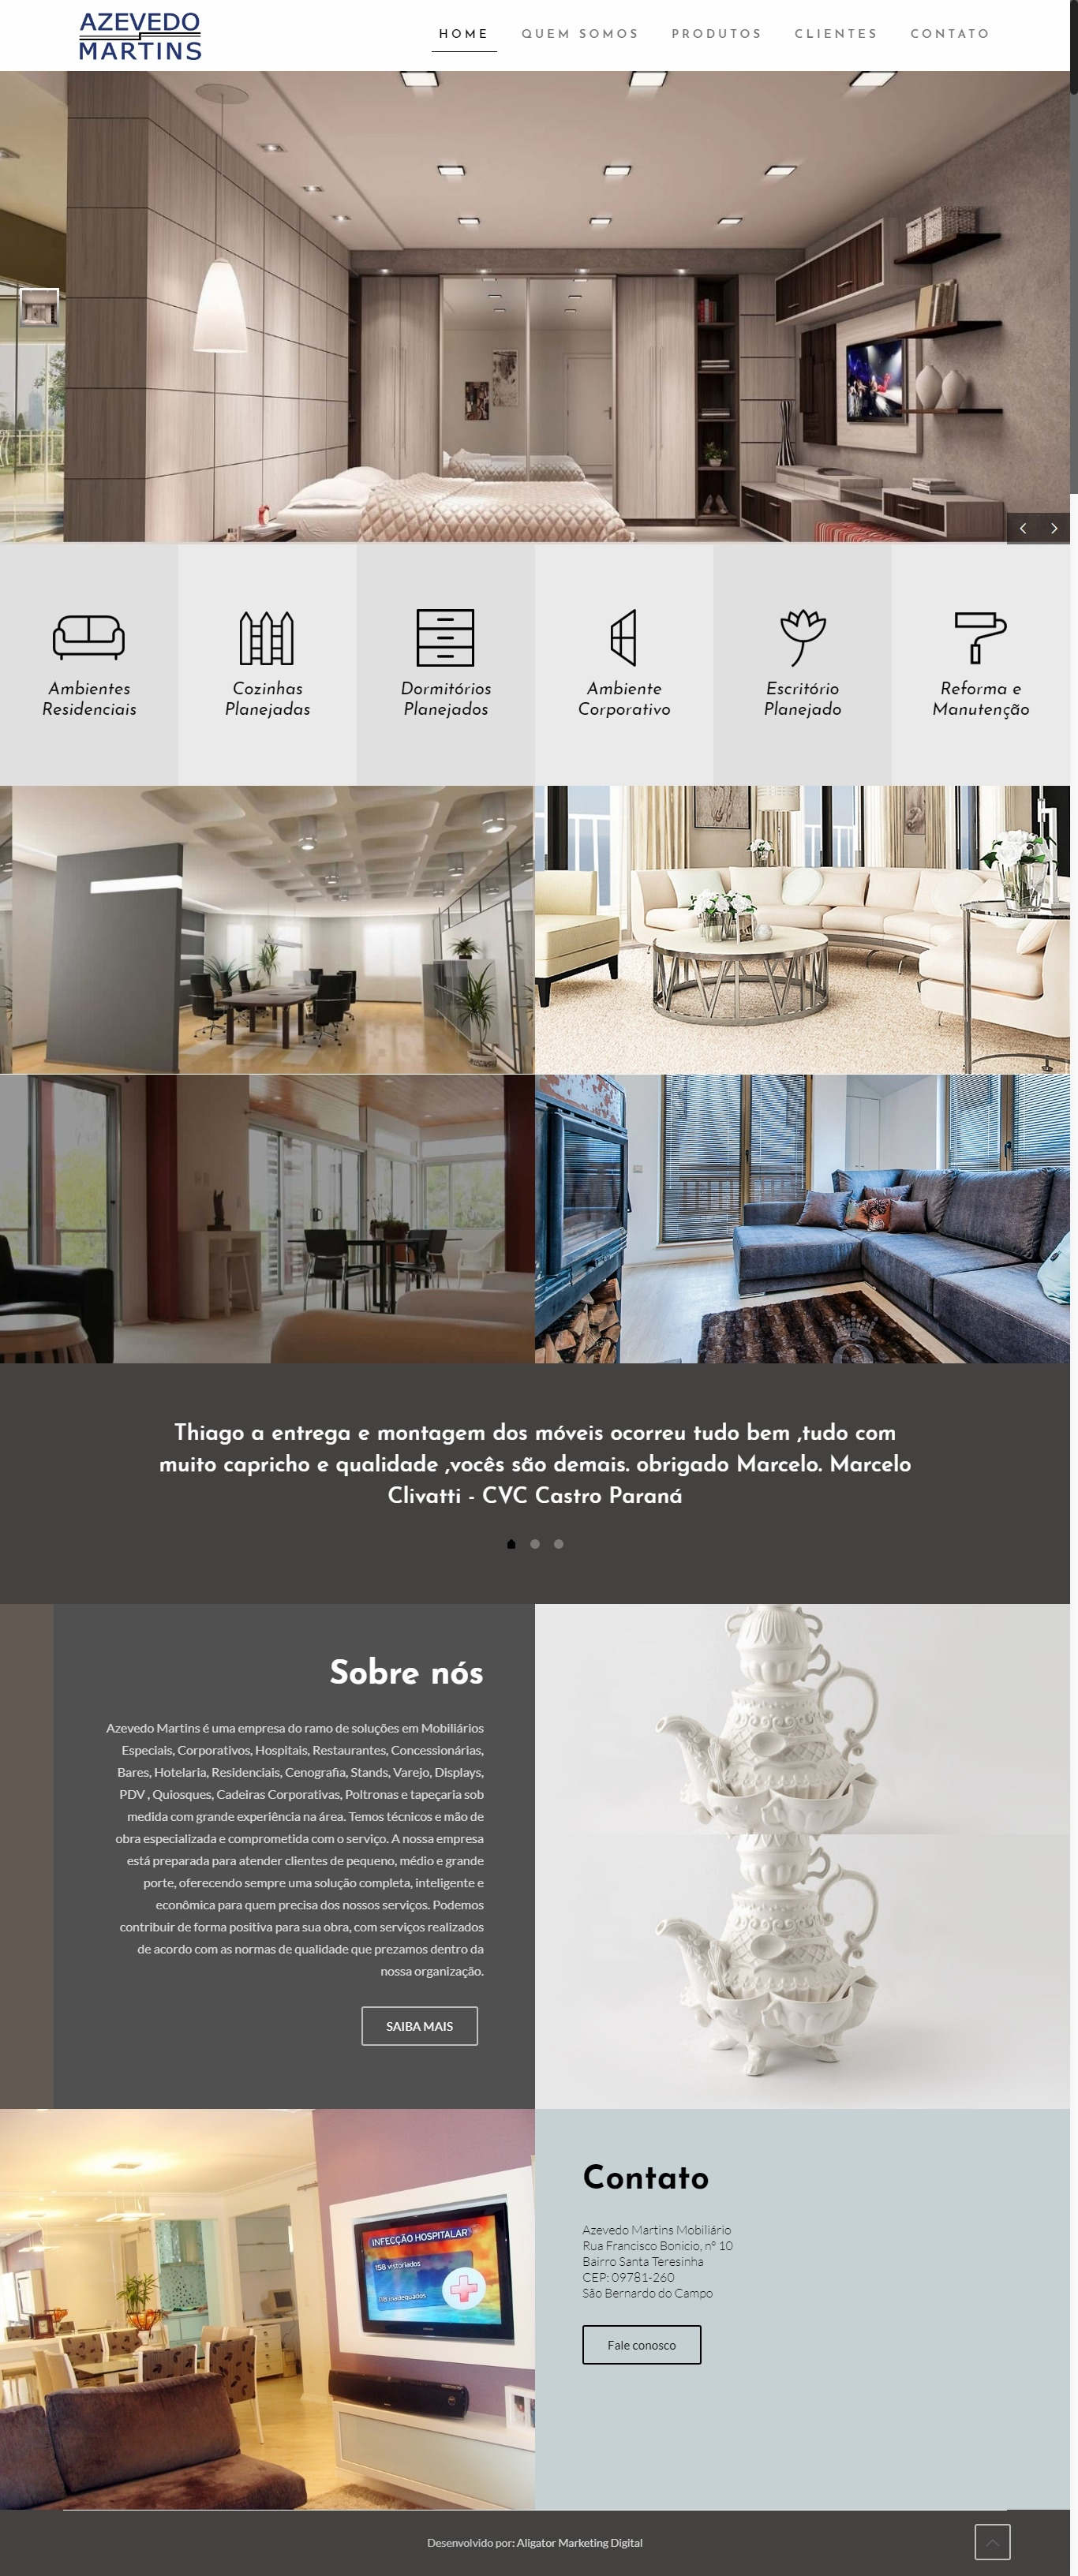 Criação de site para Azevedo Martins Mobiliário